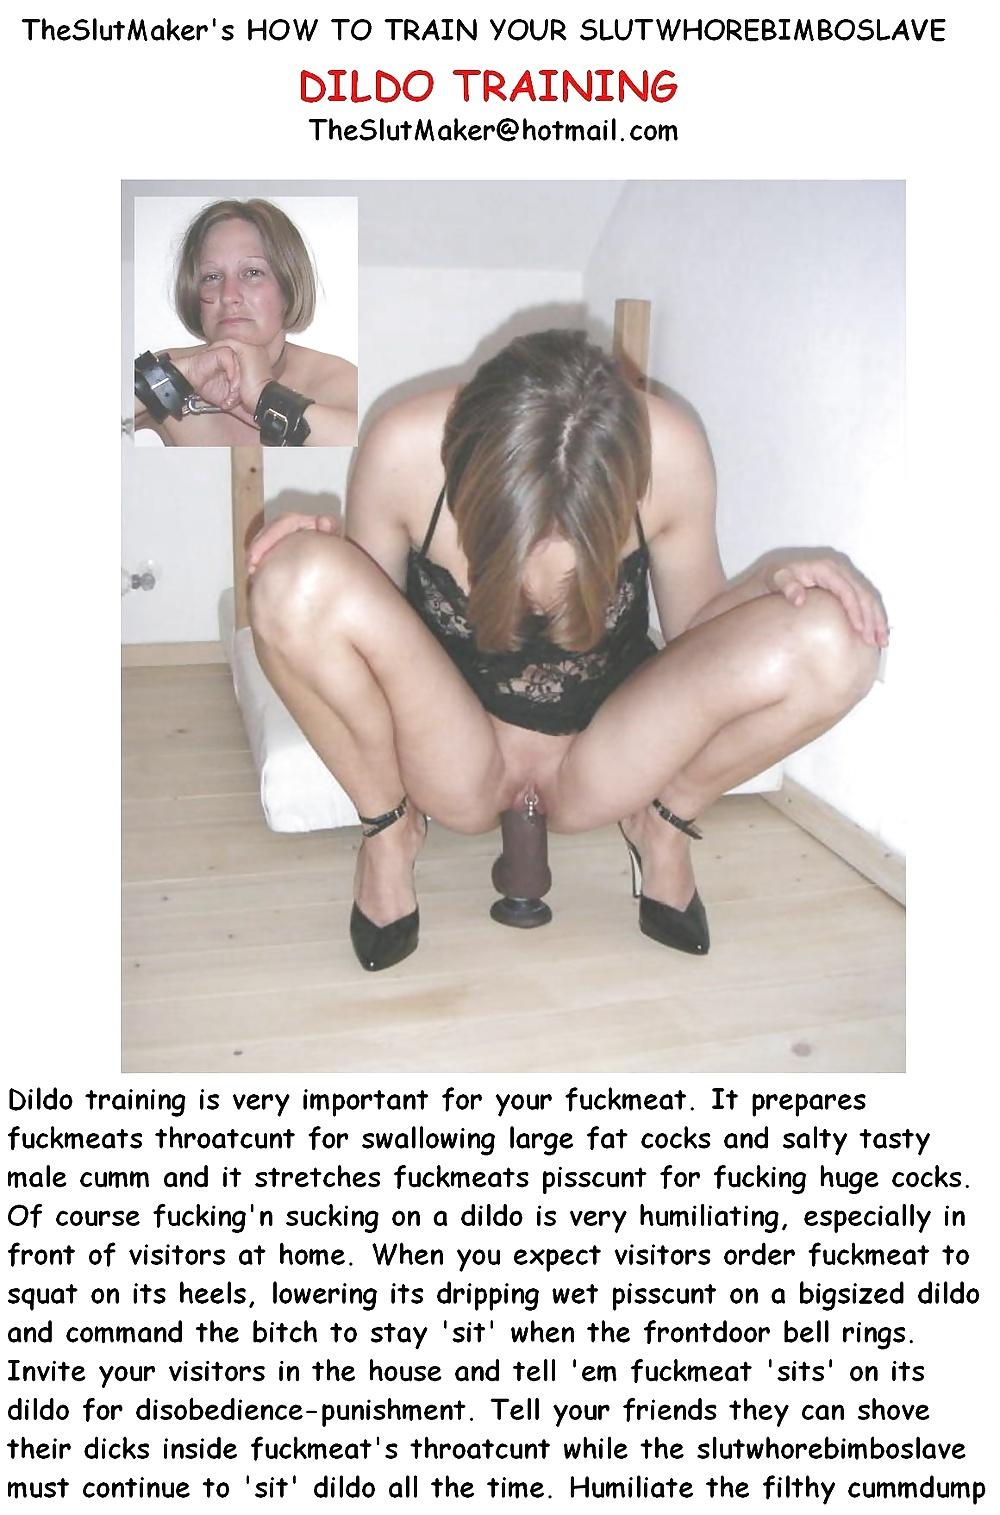 Dildo slut training authoritative